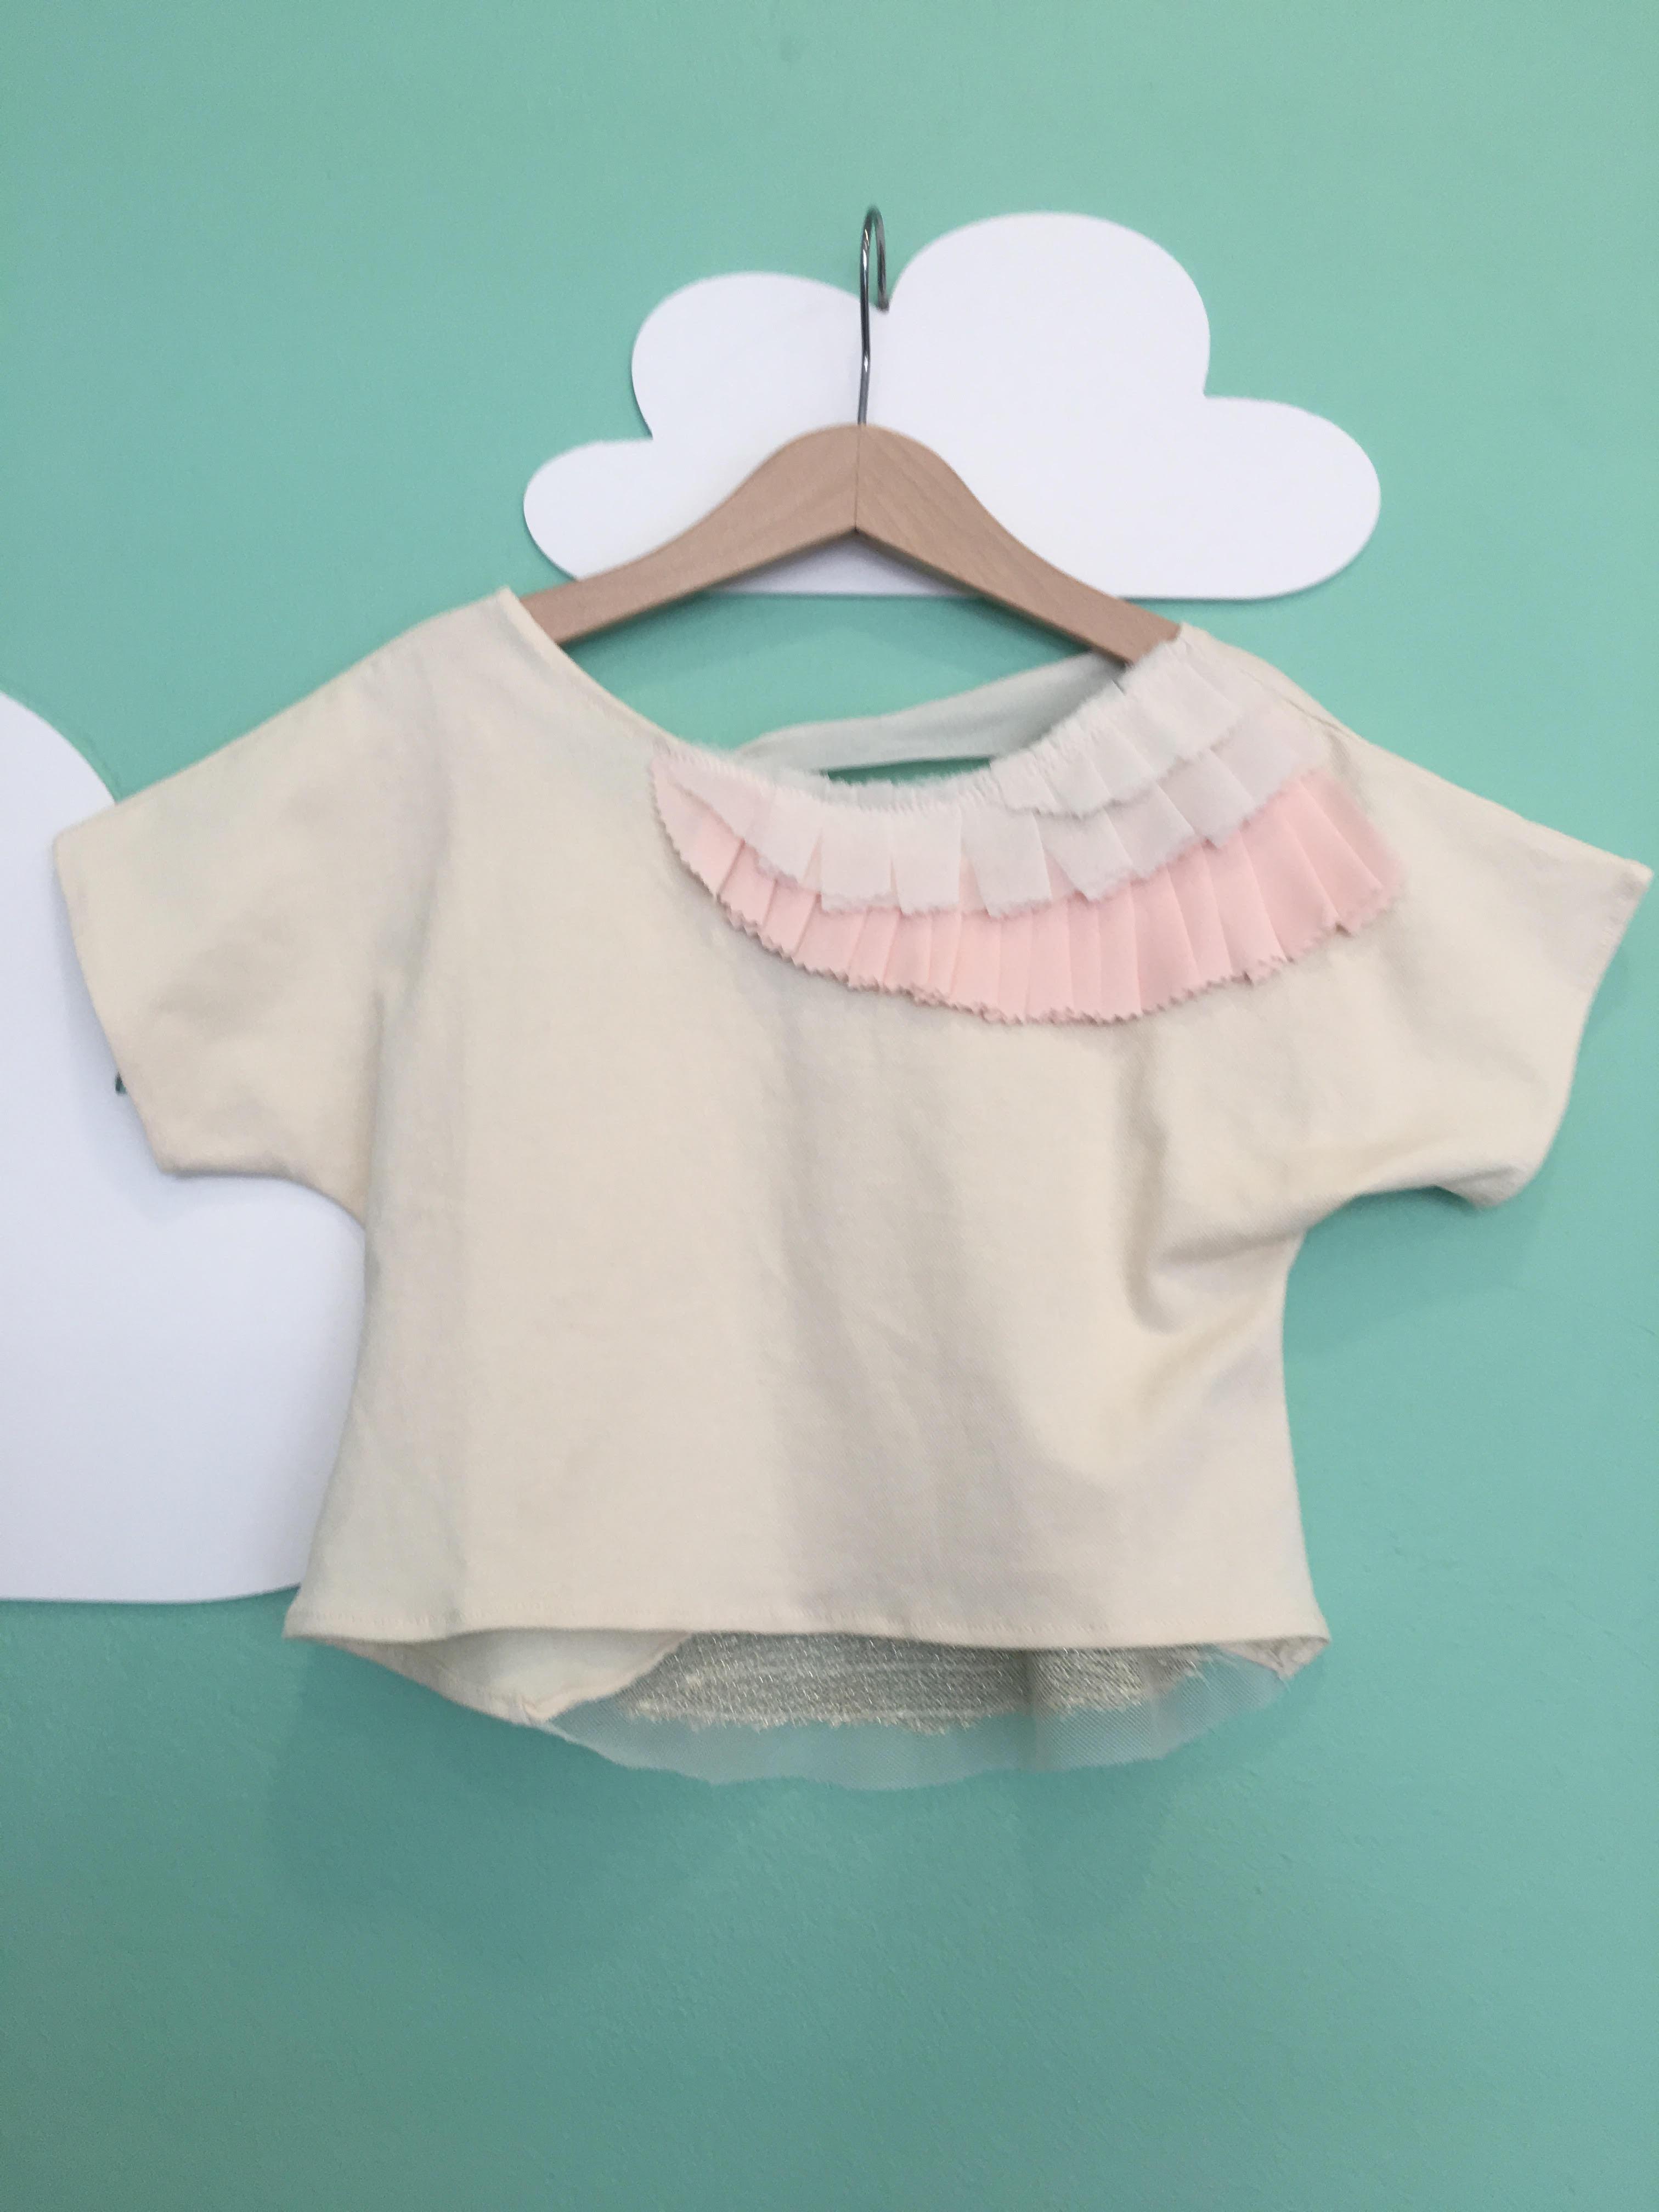 f12dba1211a Ηλεκτρονικό κατάστημα βρεφικών και παιδικών ρούχων | CottonBaby.gr